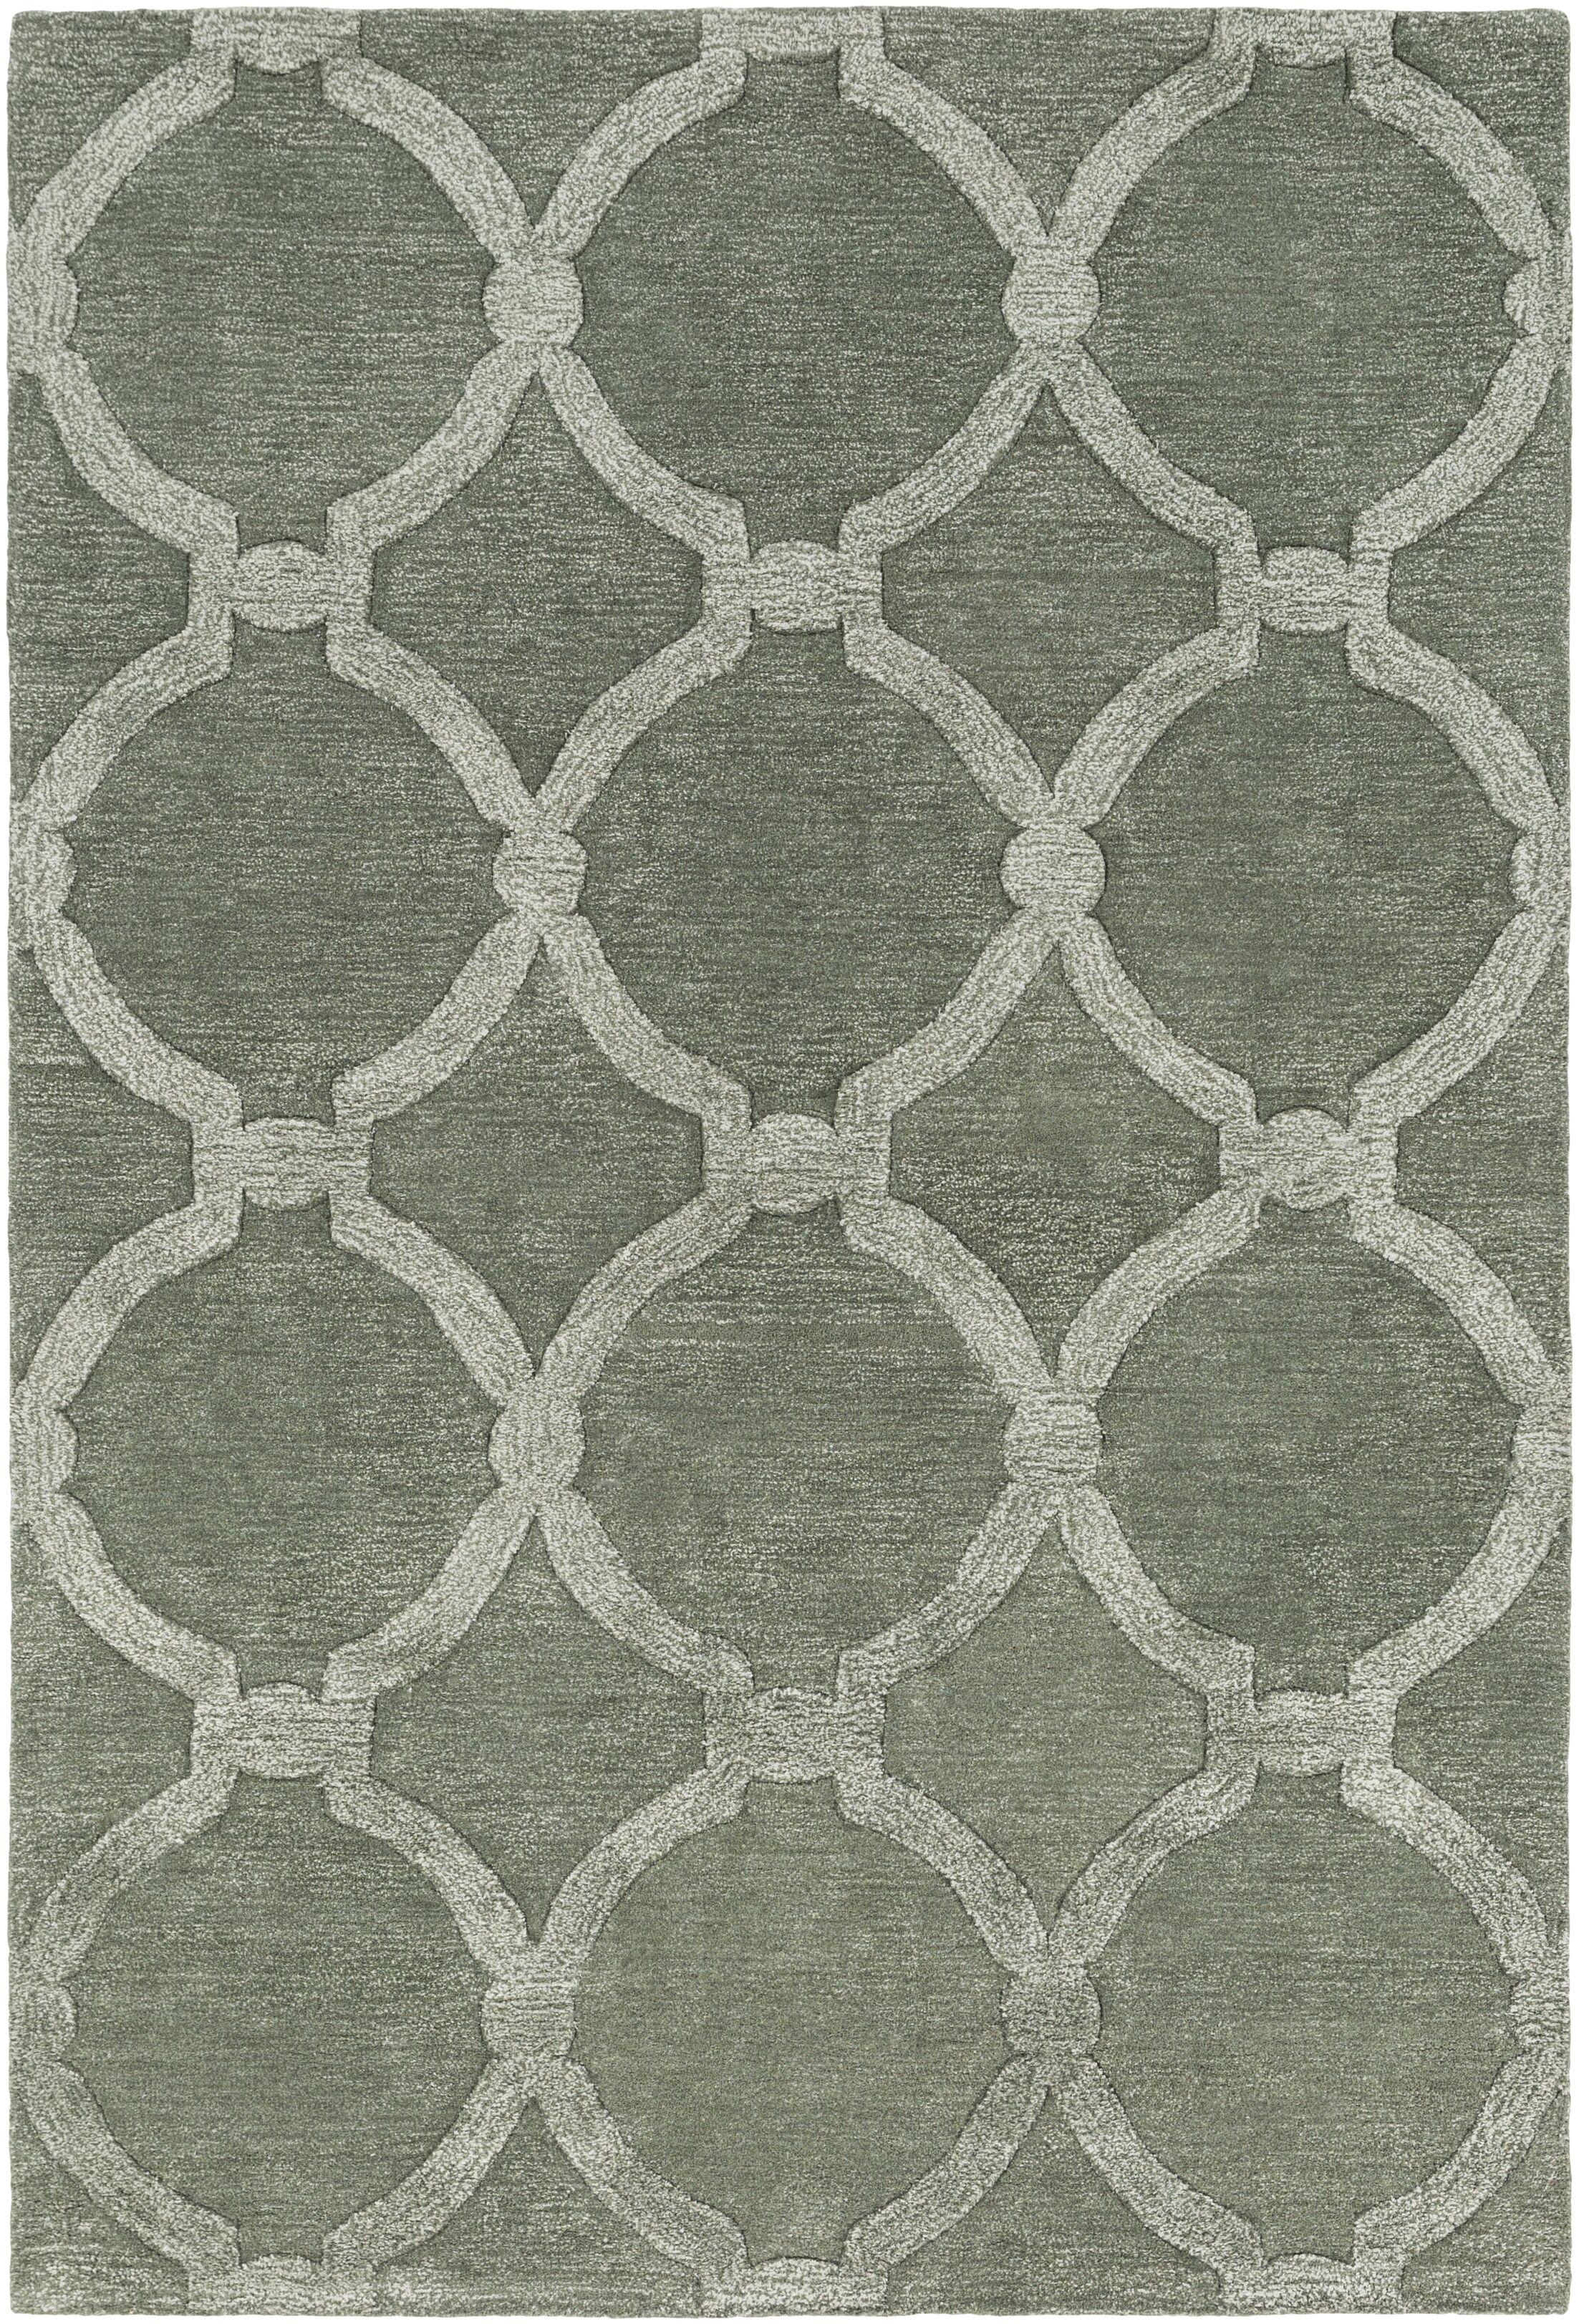 Labastide Hand-Tufted Sage Area Rug Rug Size: Rectangle 5' x 7'6